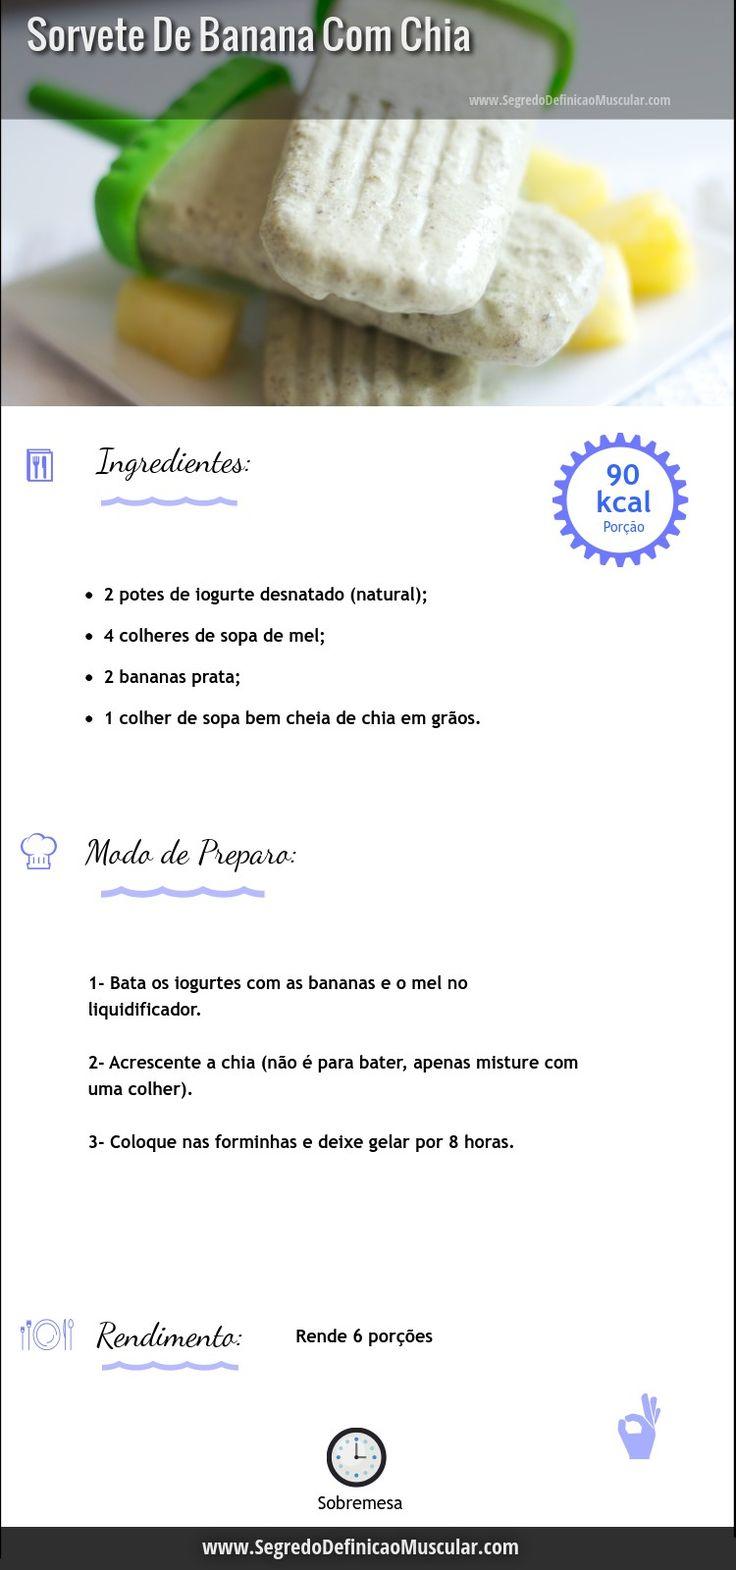 Sorvete De Banana Fit com chia   ➡ https://www.segredodefinicaomuscular.com/sorvete-de-banana-com-chia/  #SegredoDefiniçãoMuscular #receitasfit   #receita #dieta #fit